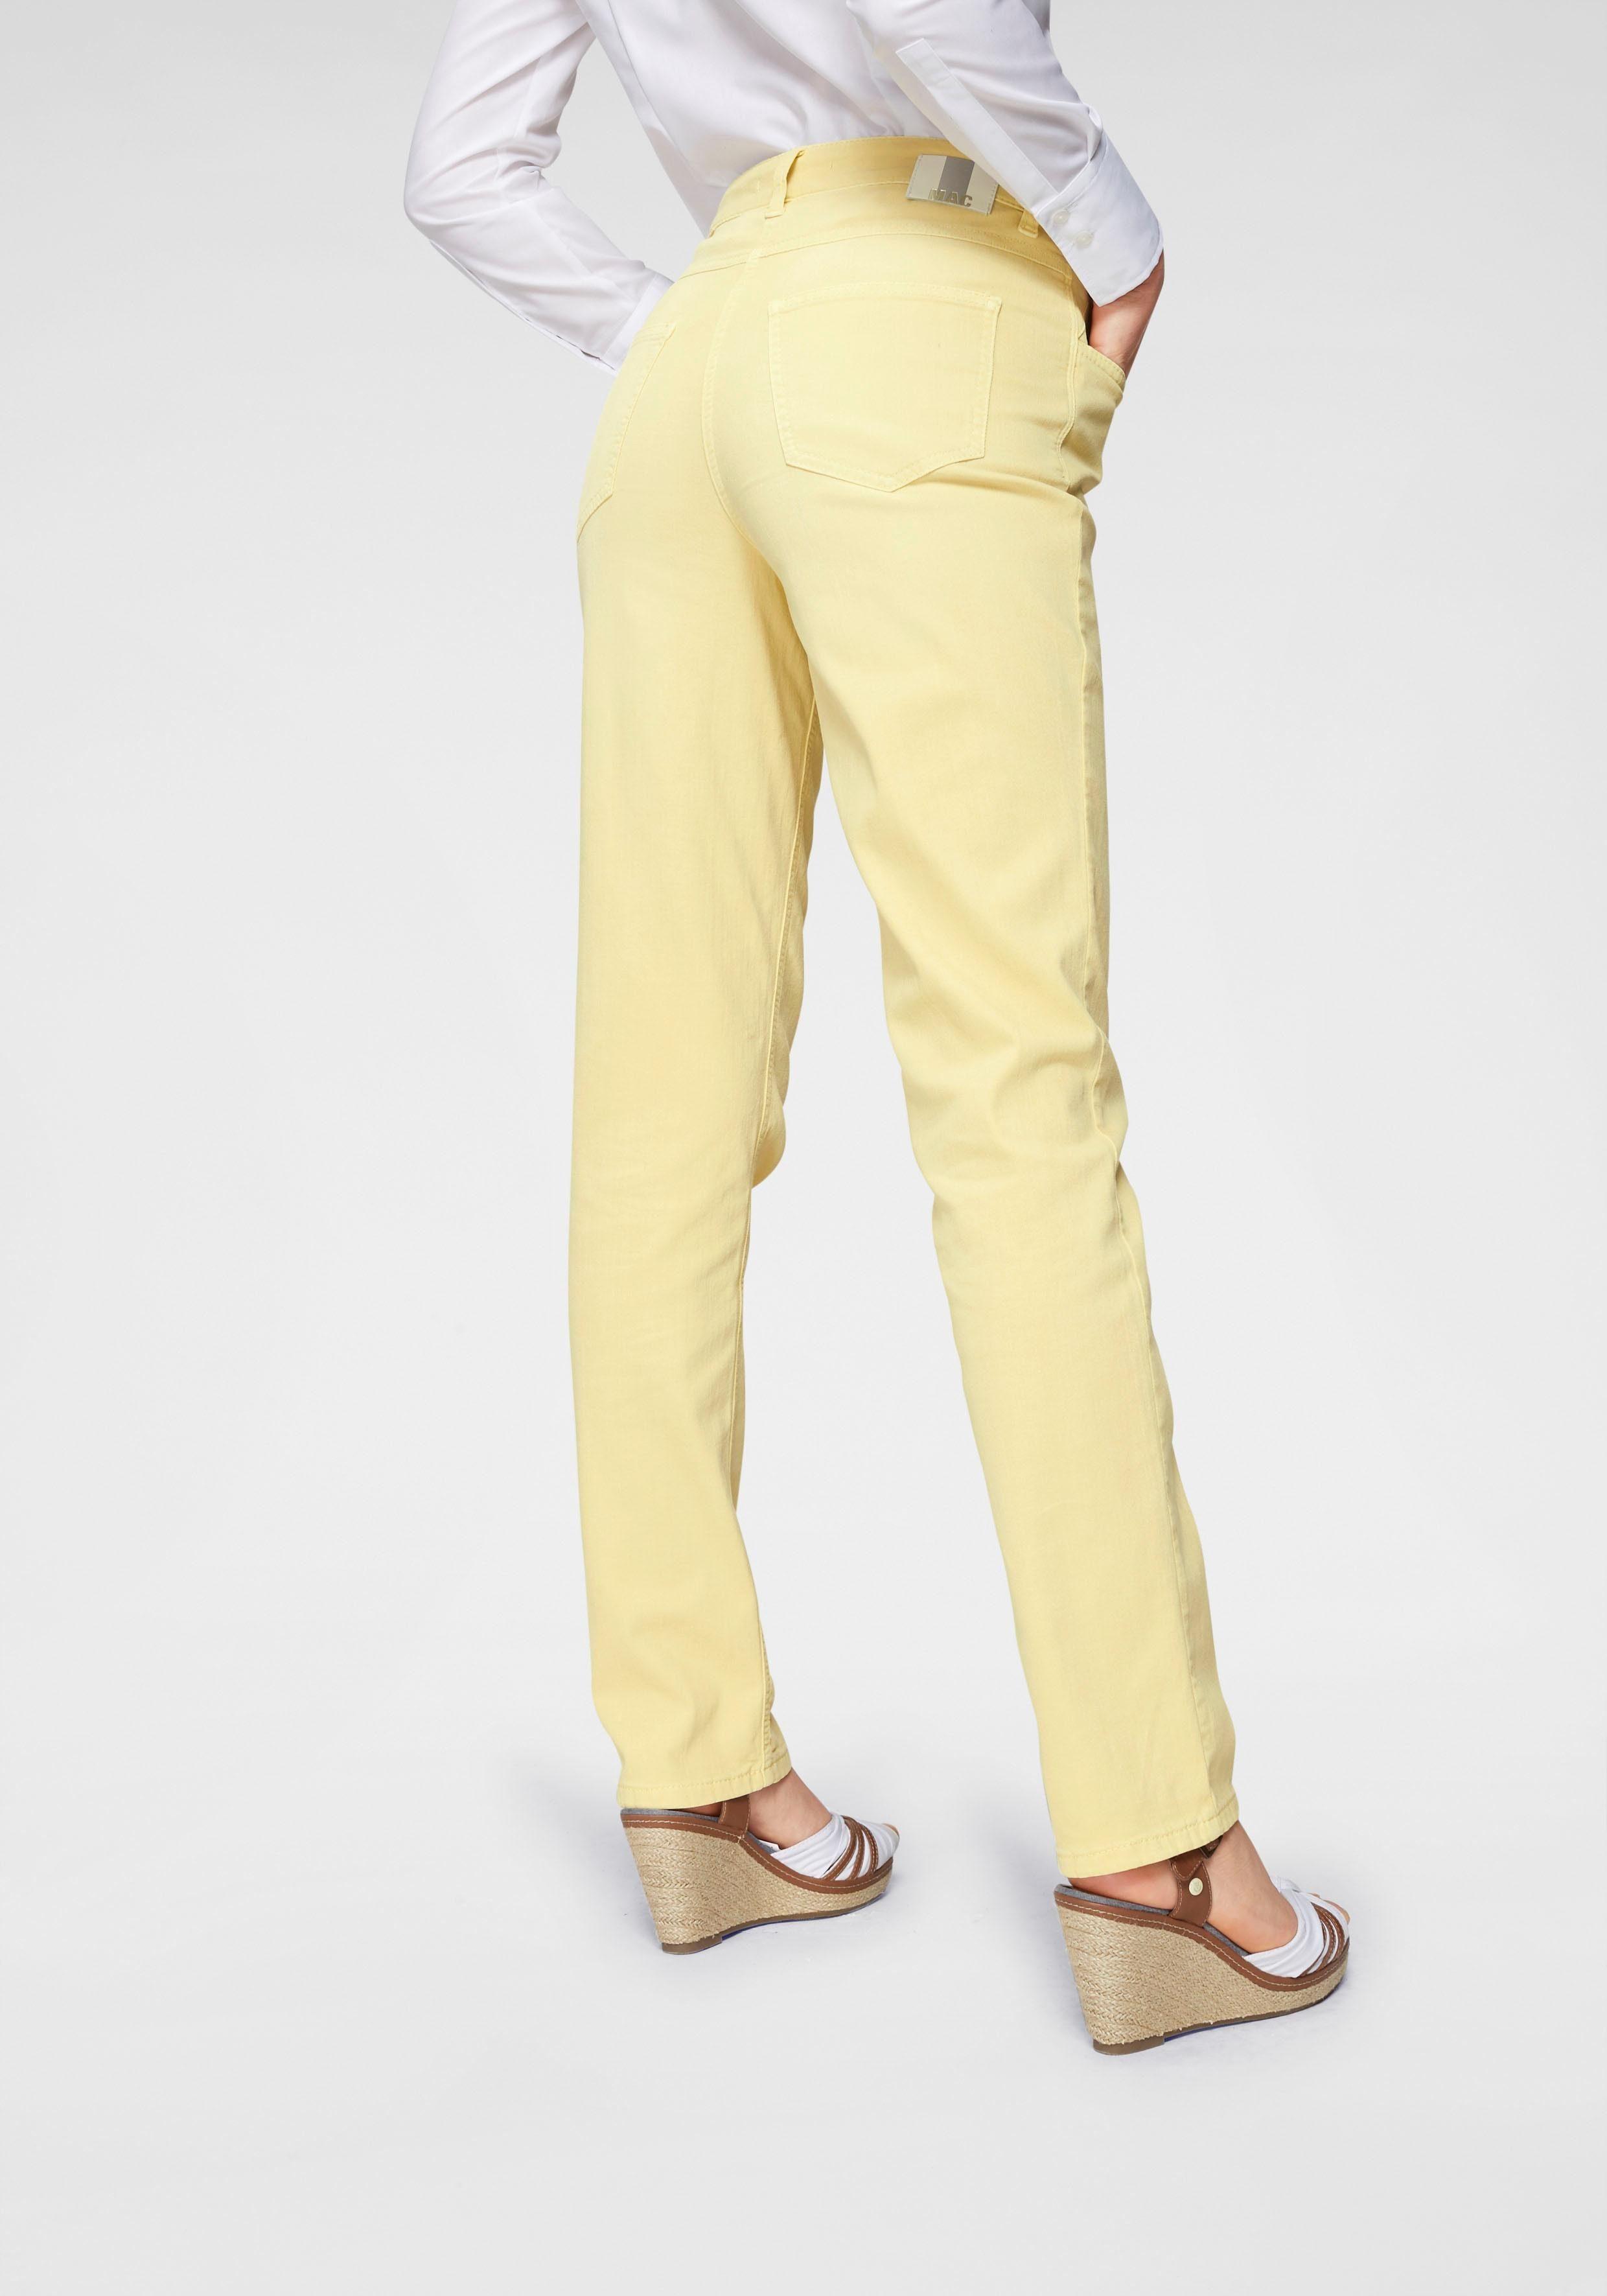 MAC 5-Pocket-Jeans »Angela Summer« In neuer, leichter Sommer-Denim Qualität